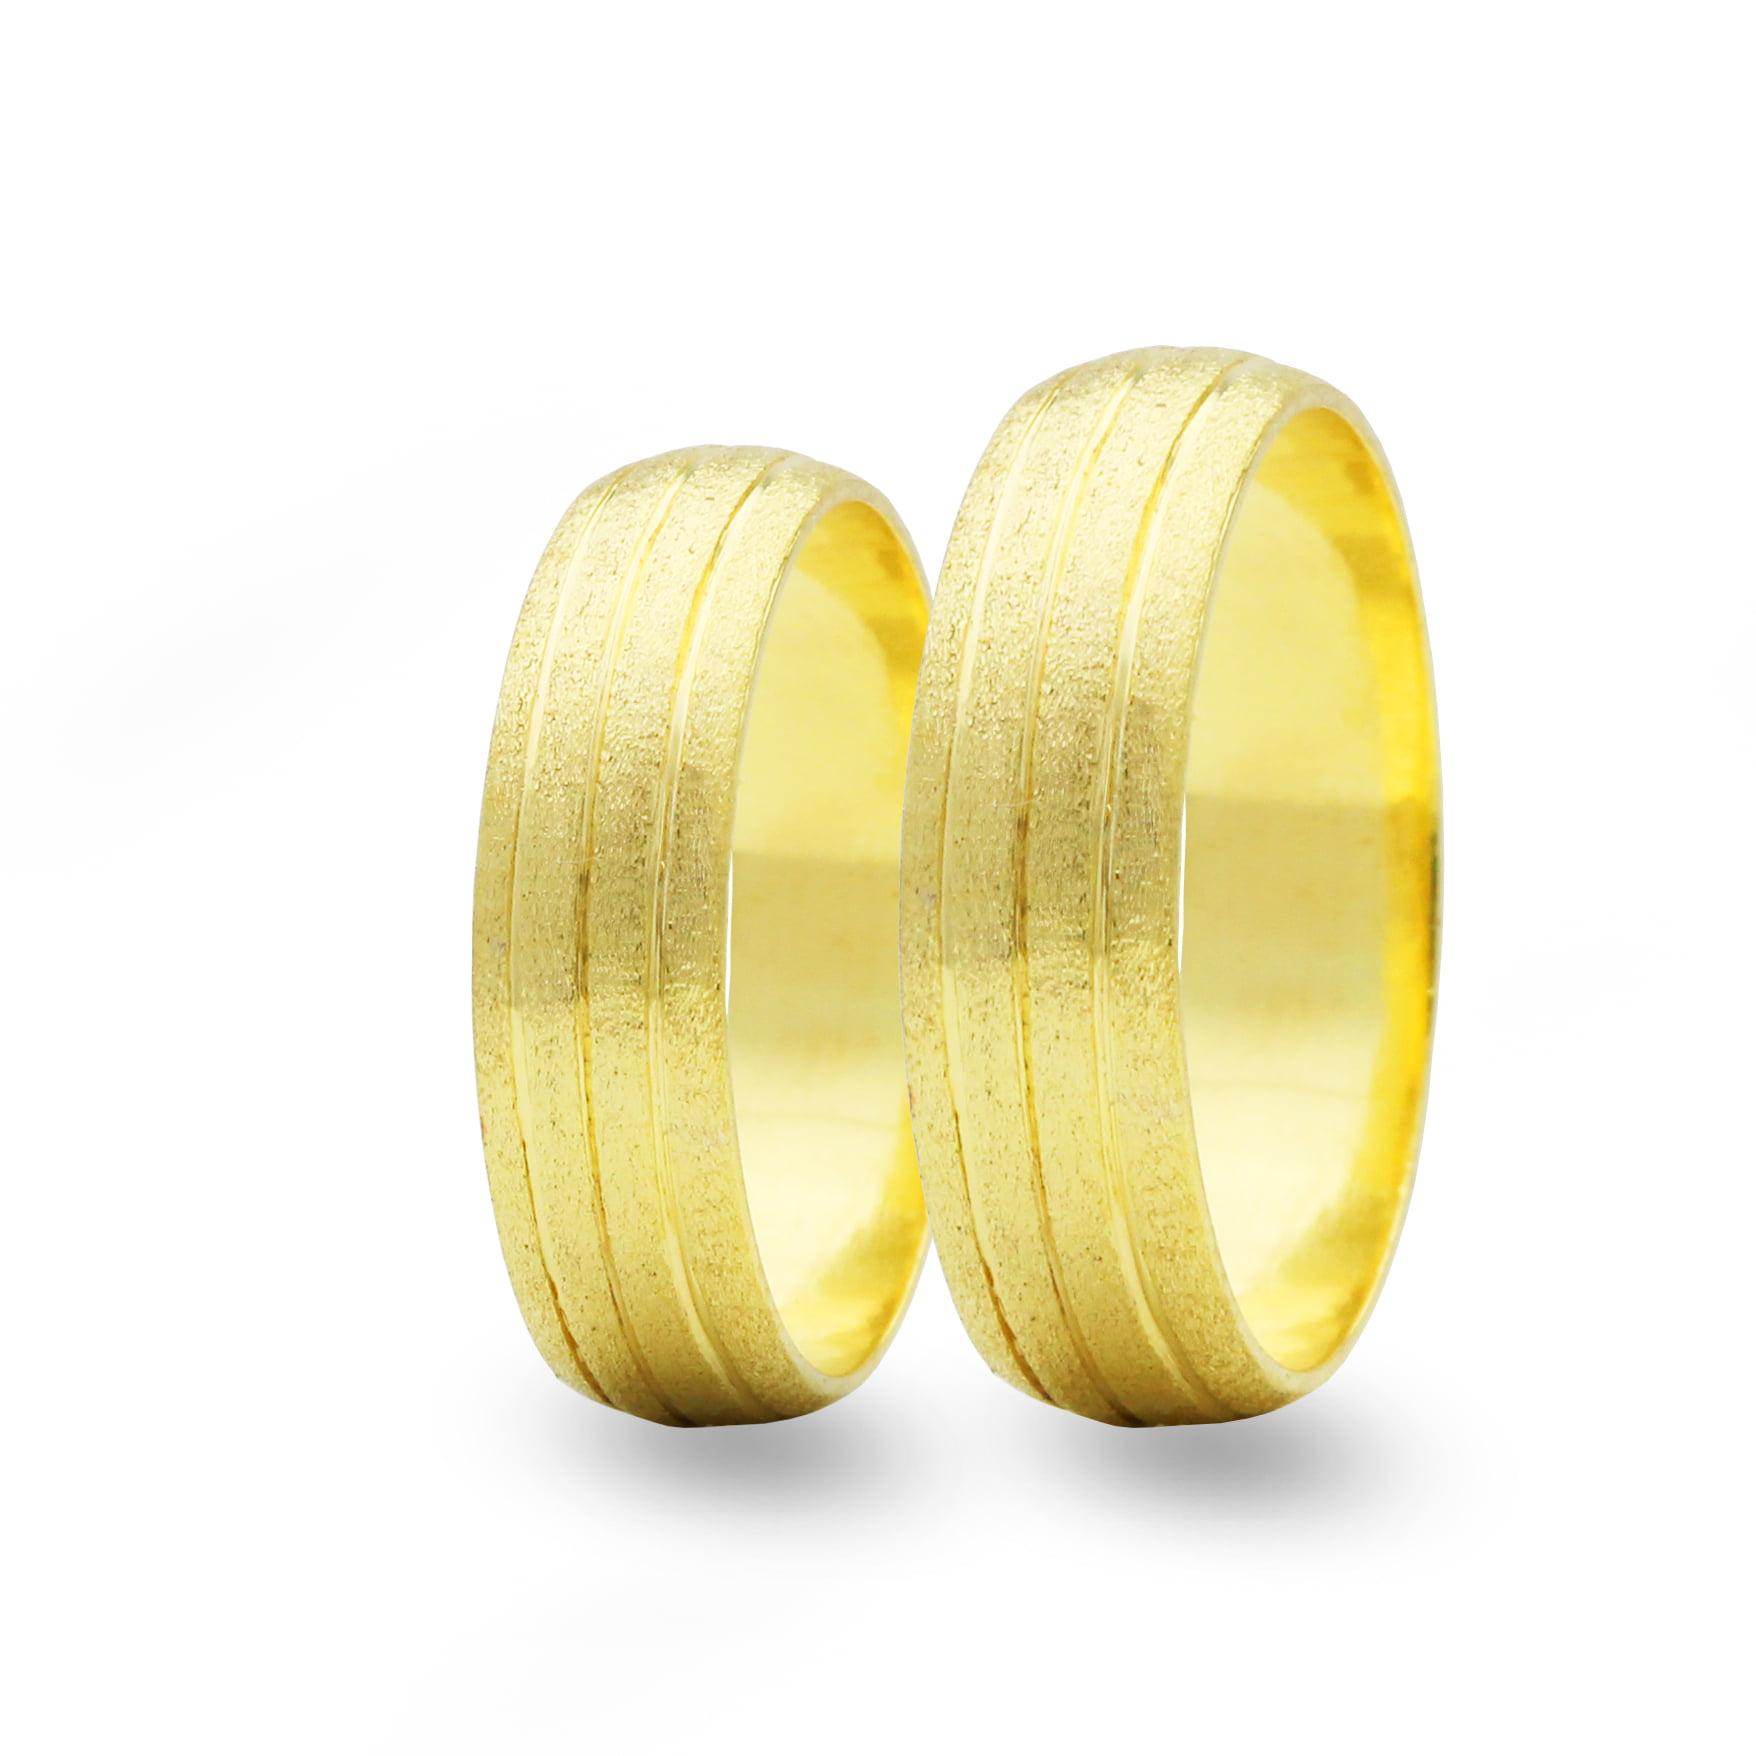 Par de Alianças em Ouro 18k 8 gramas 5mm de largura – Abaulada Trabalhada